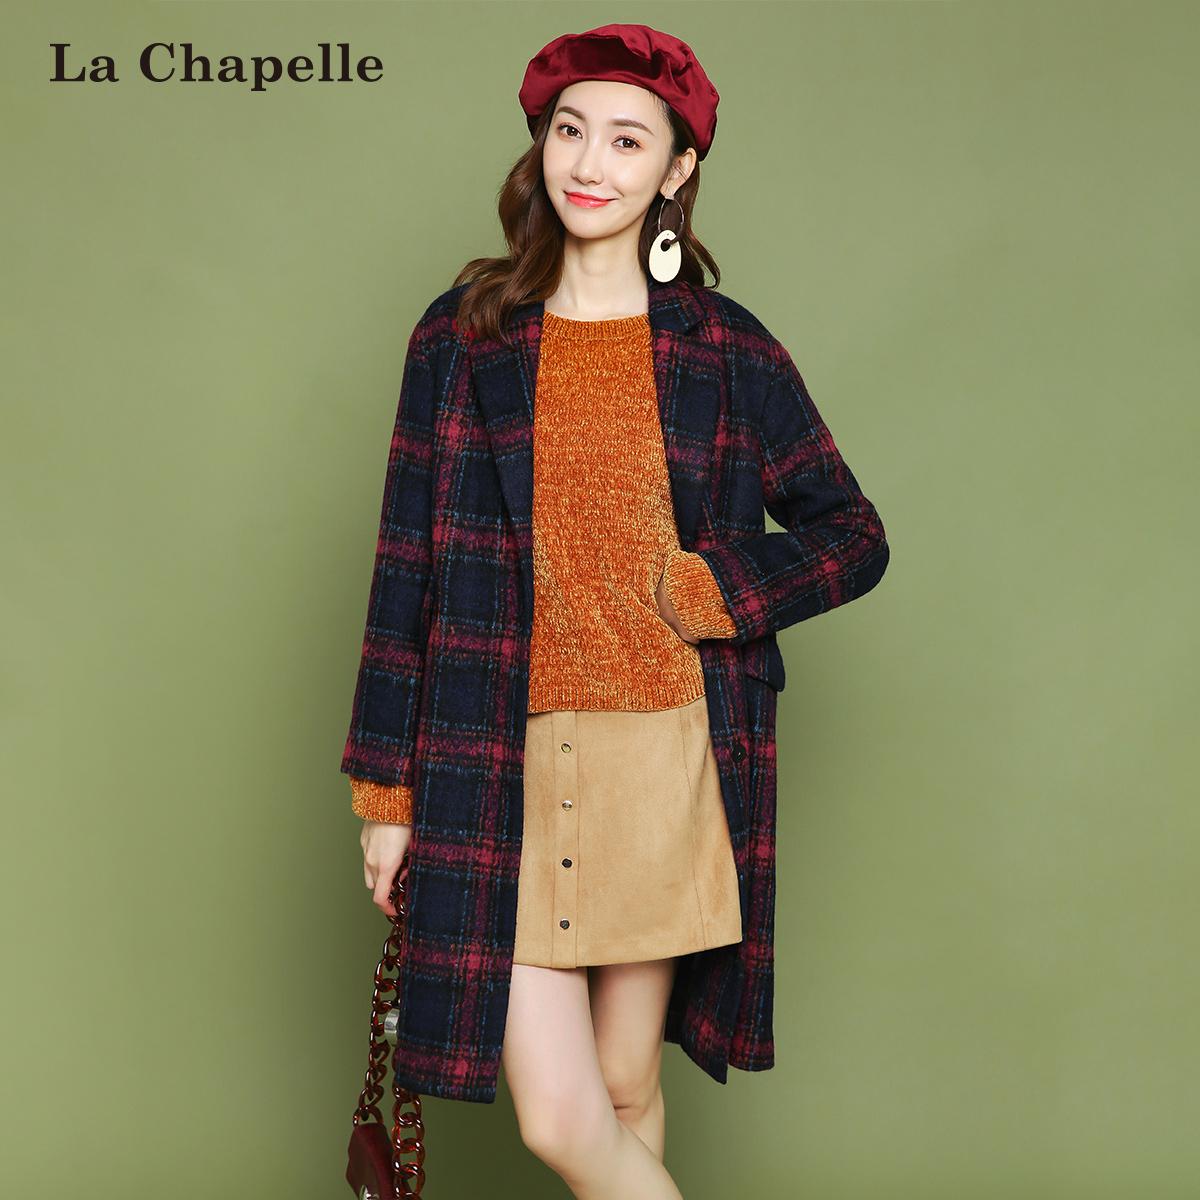 BEANPOLE/滨波 呢子过膝大衣拉夏贝尔秋冬装韩版女装黑色显瘦中长款毛呢外套女士